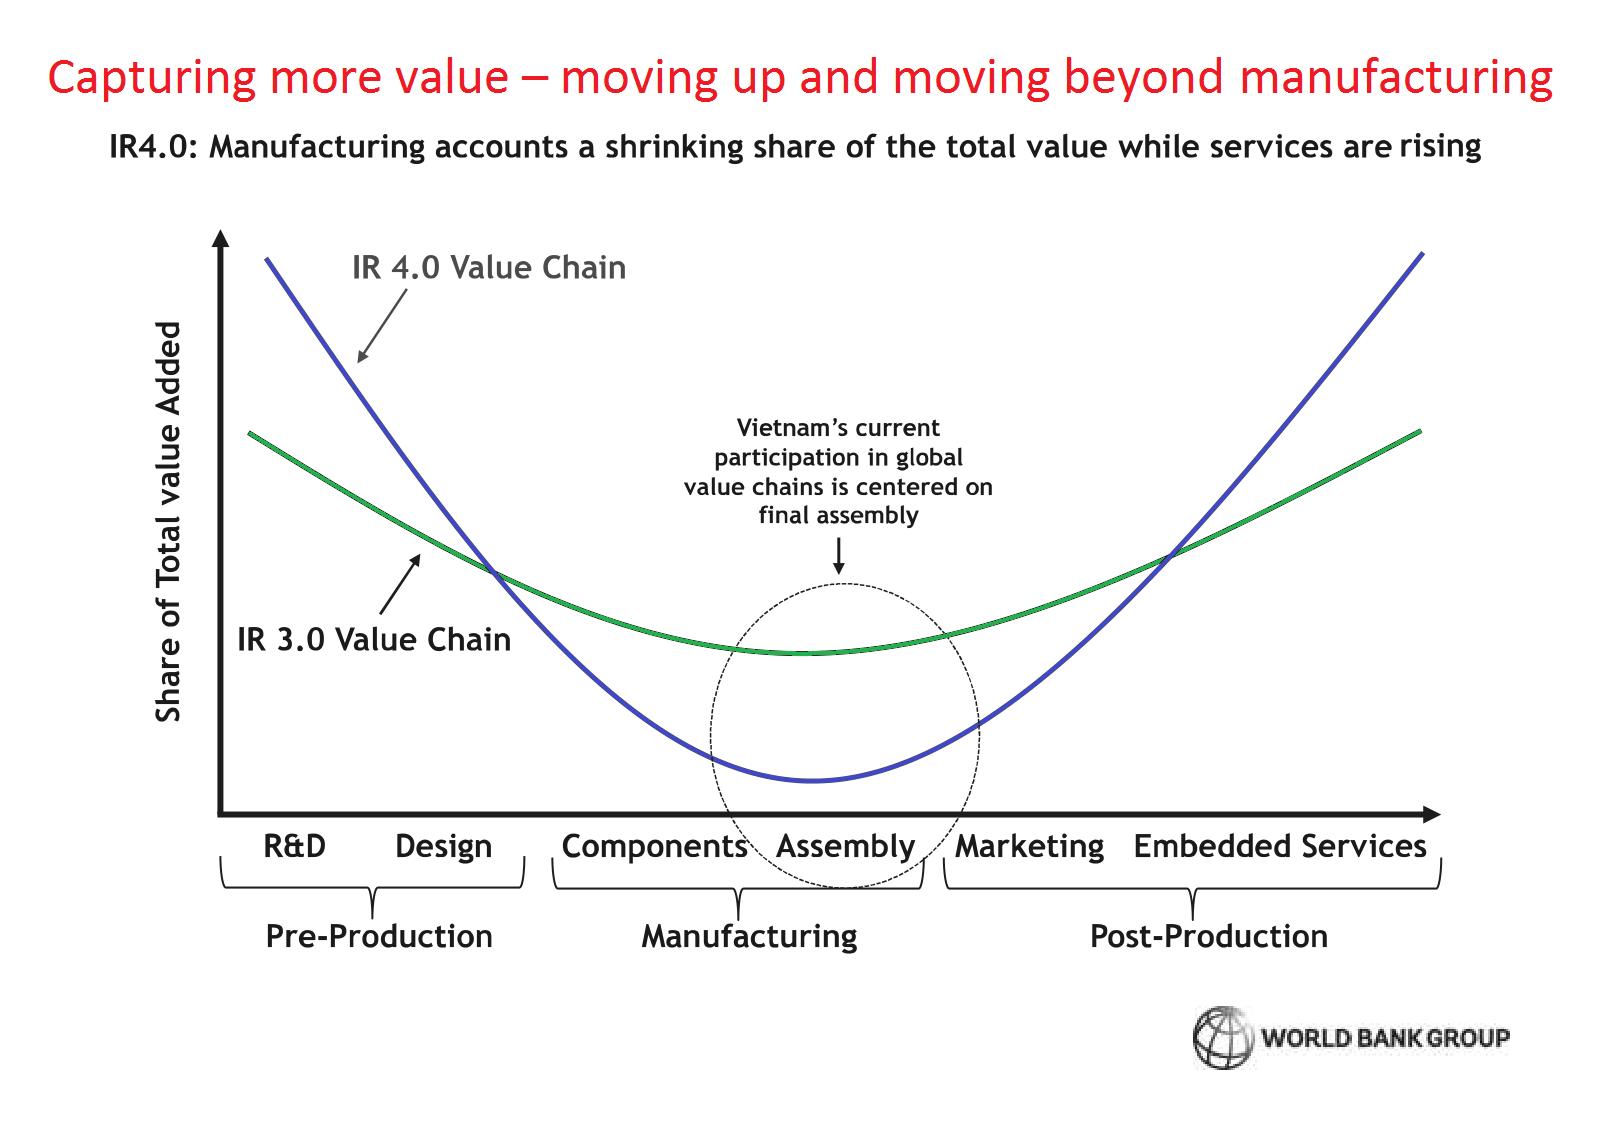 Vị trí của Việt Nam trong chuỗi giá trị toàn cầu, với trình độ công nghiệp 3.0 và 4.0 | Nguồn WB